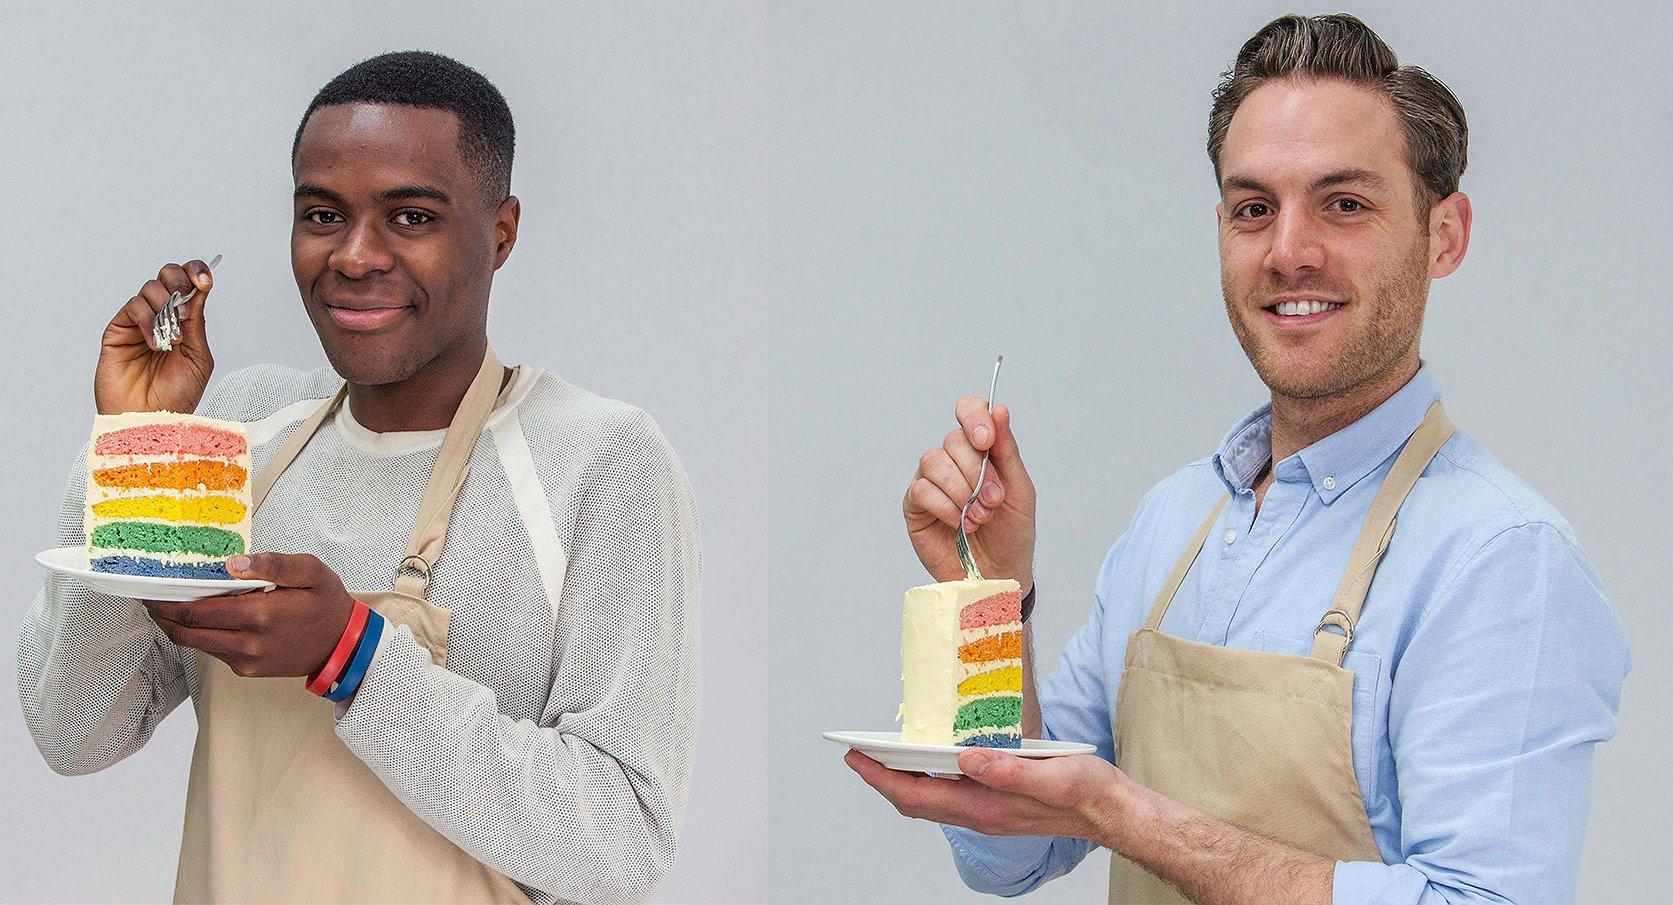 Meet Liam en Tom. De cuties van The Great British Bake Off